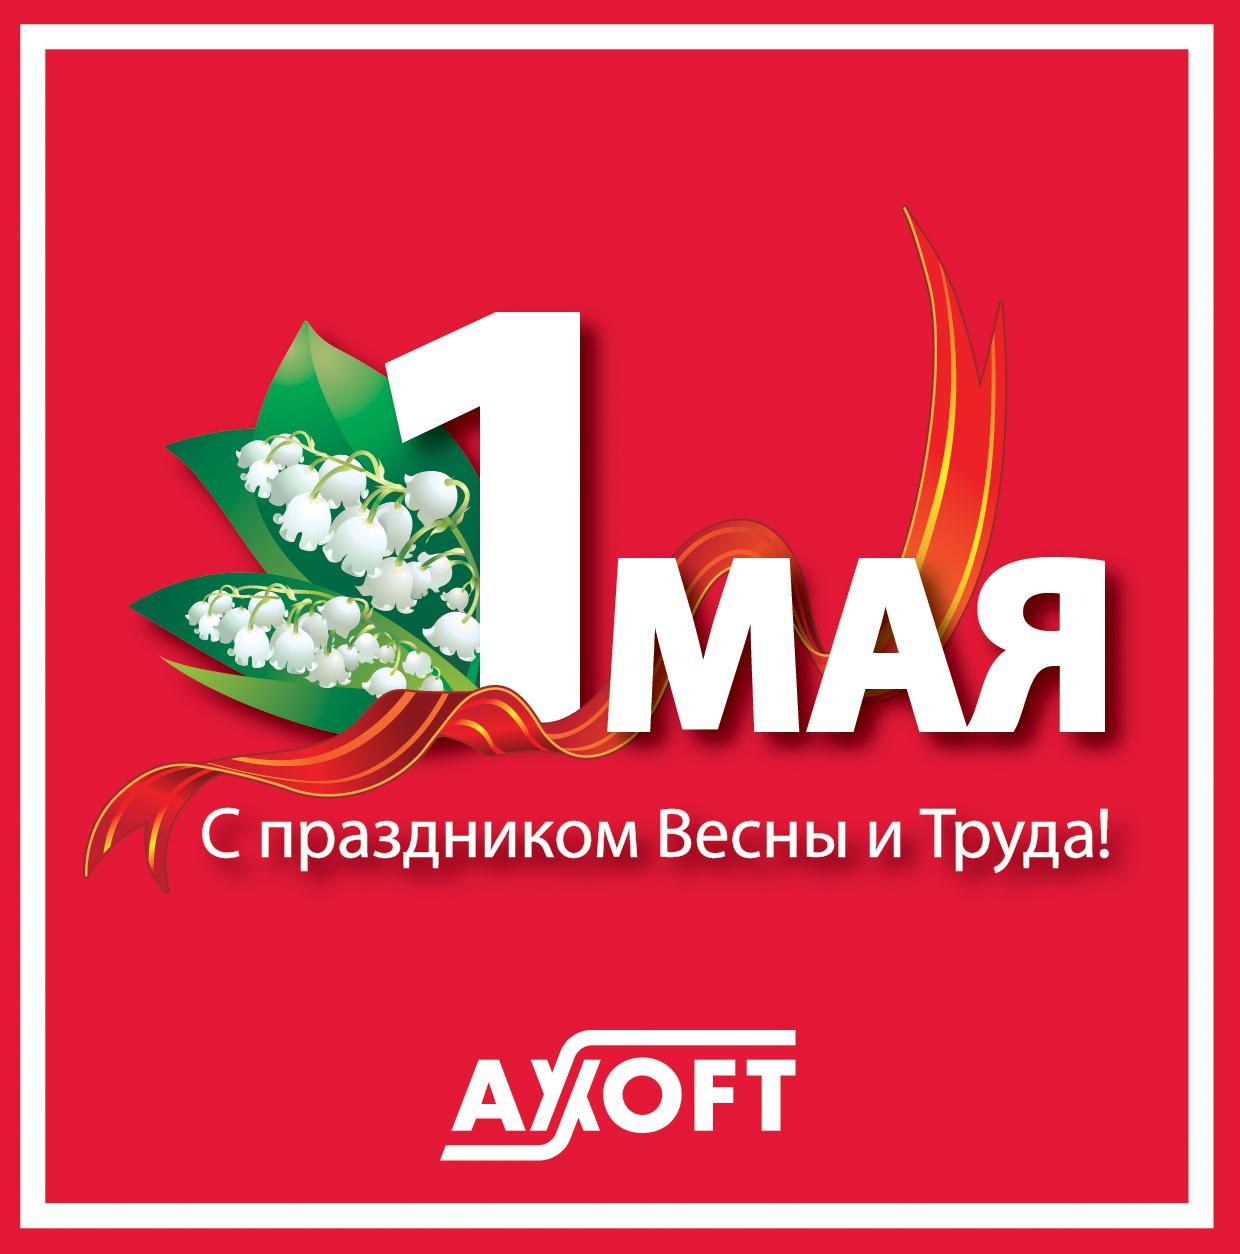 Поздравления 1 мая для организаций